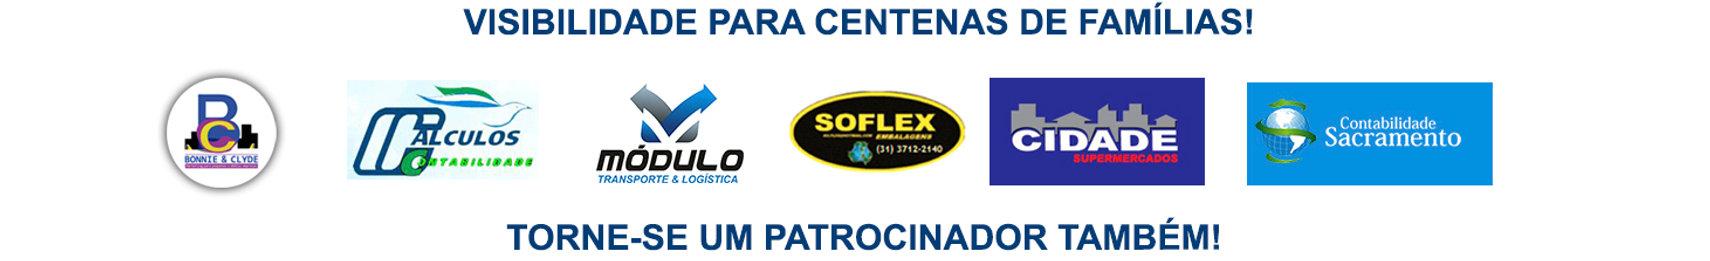 BANNER PATROCINADORES PRATA DA CASA.jpg